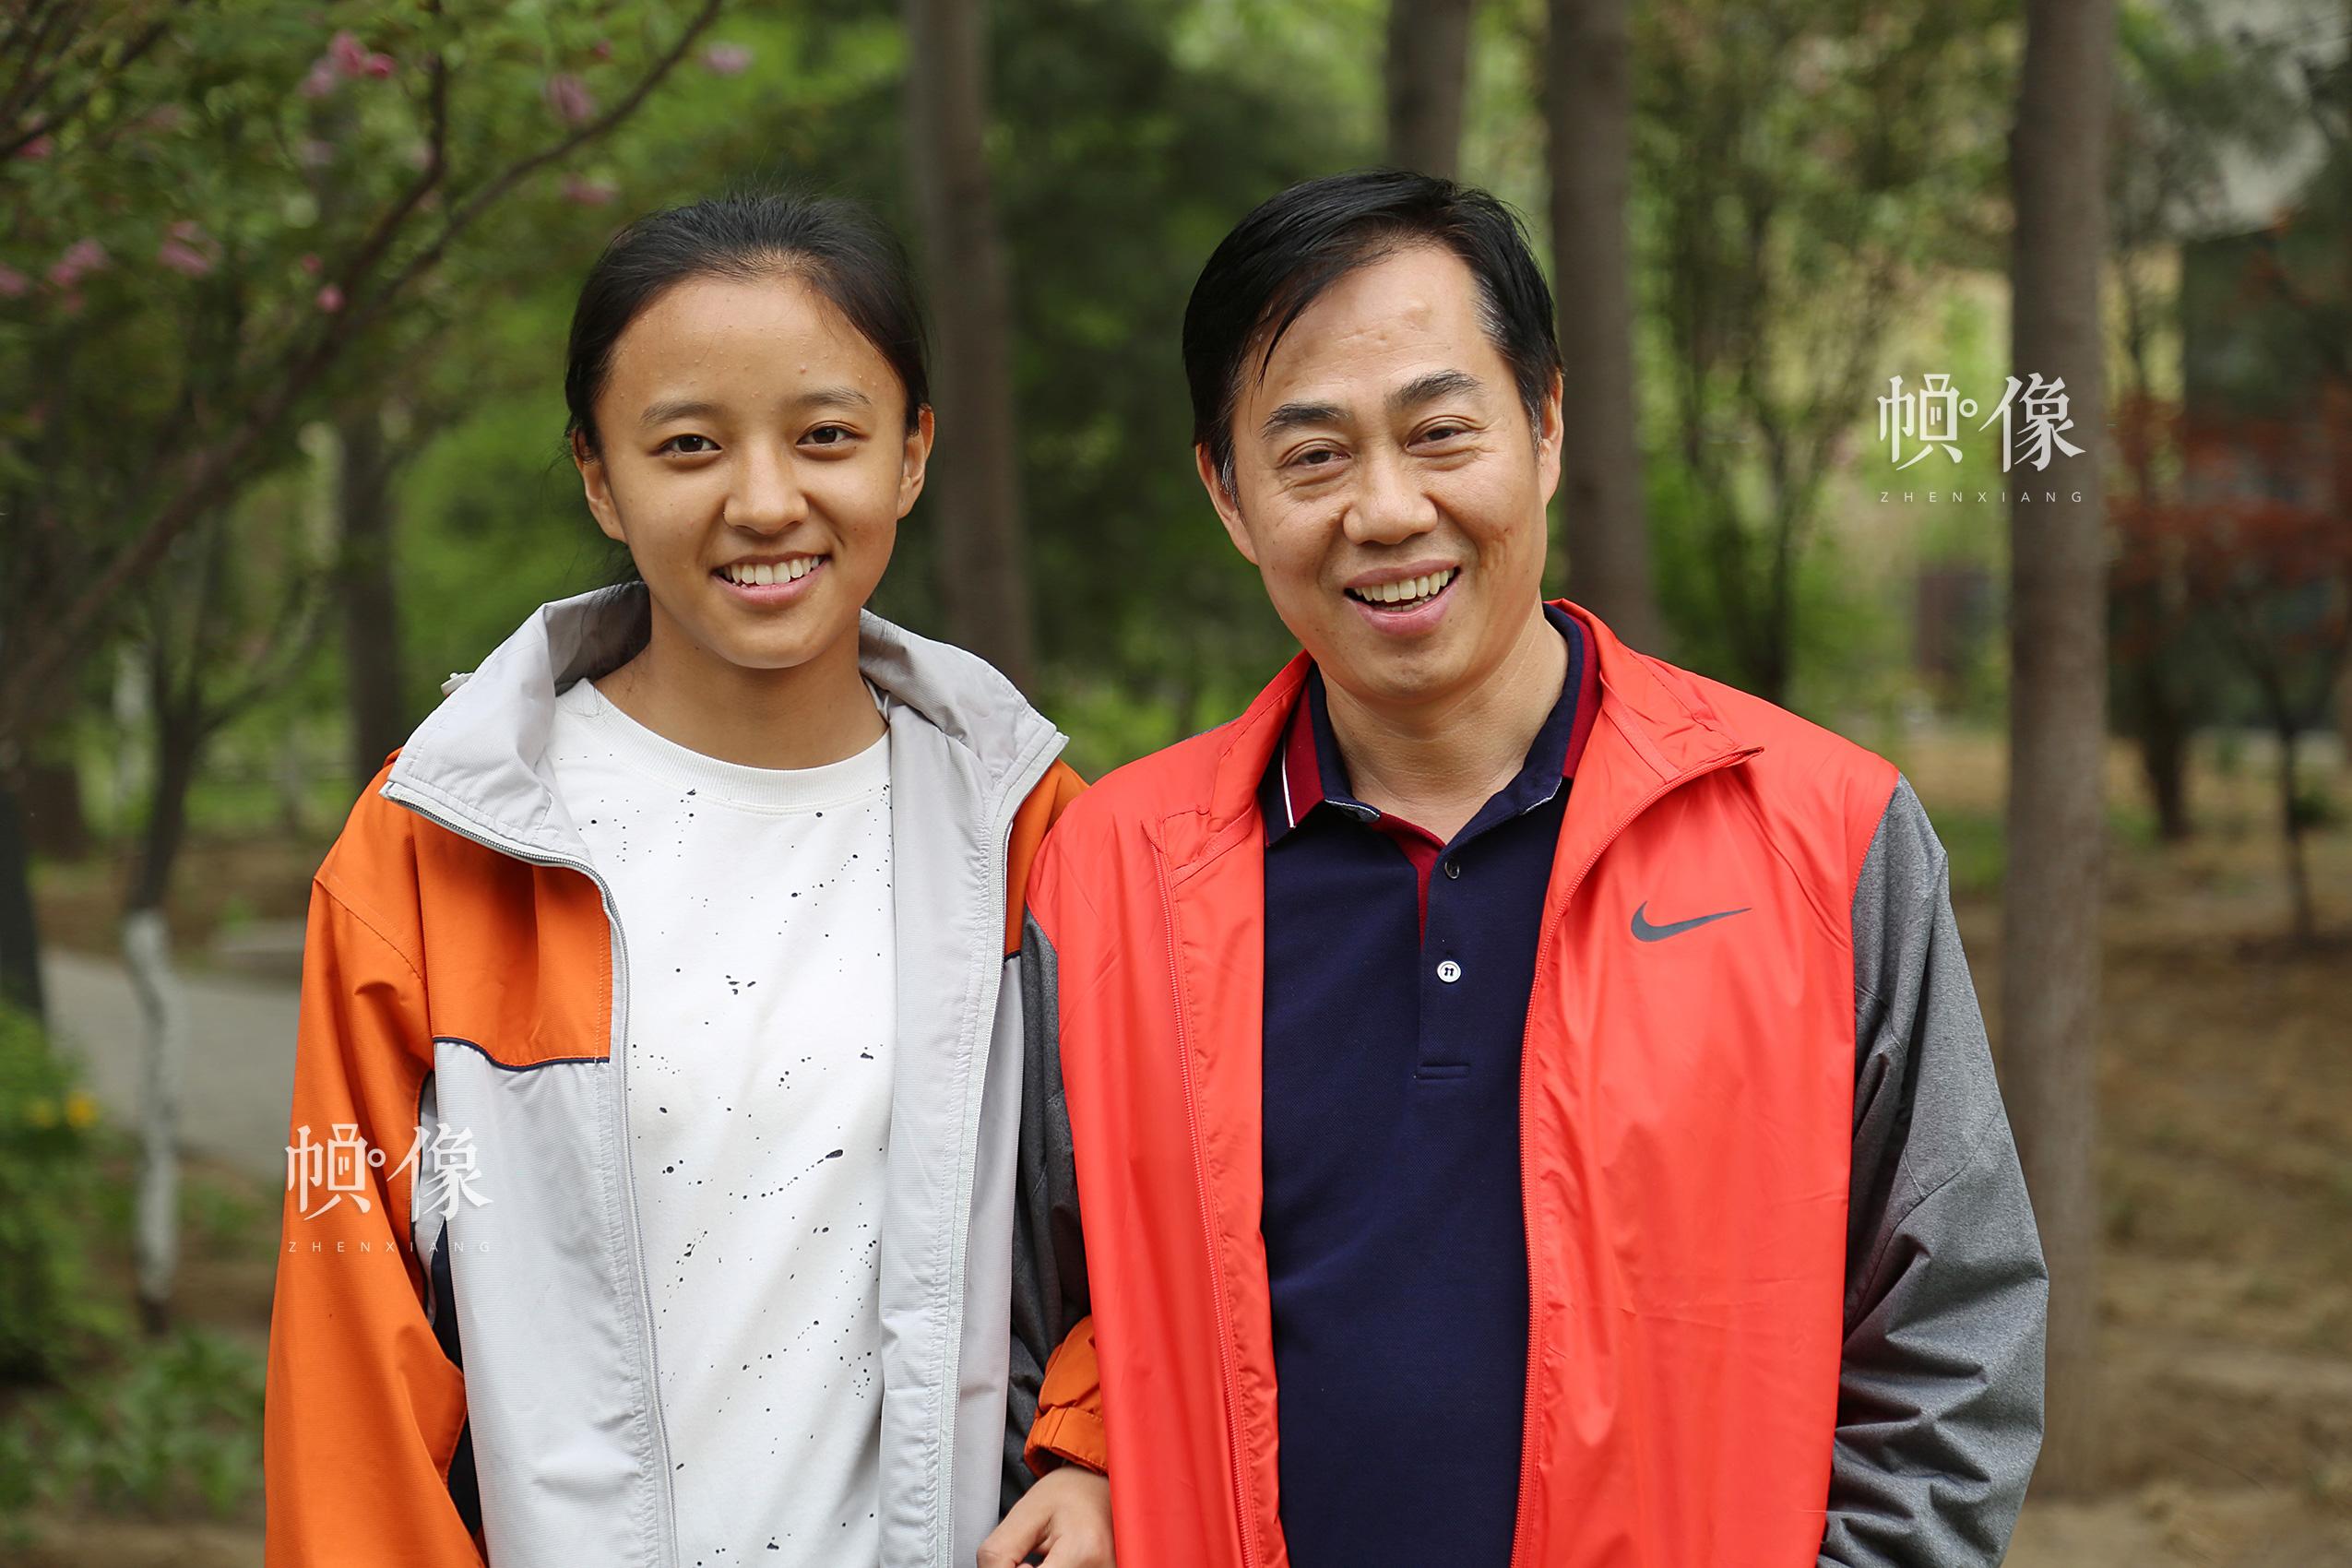 2017年4月8日,德乾尕毛与助养爸爸站在一起,身高基本相同,德乾尕毛说自己之所以长这么高都归功于爸爸妈妈无微不至的呵护。中国网记者 黄富友 摄